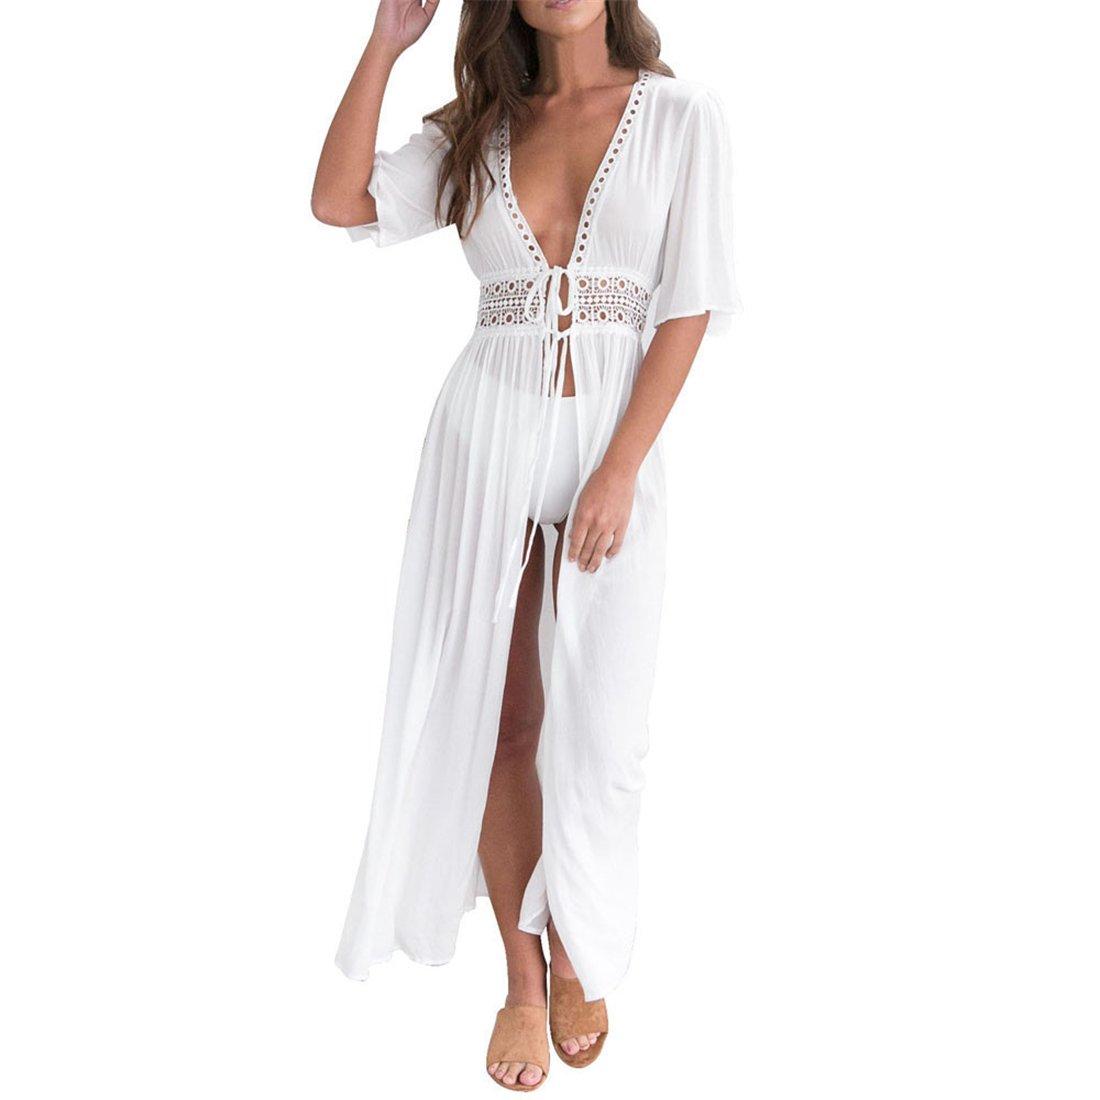 Malloom® Damen Mädchen Chiffon Spitze V-Ausschnitt Zudecken Sommer-reizvolle Bikini-Badebekleidung Cardigan-Strand-Badeanzug-Kleid